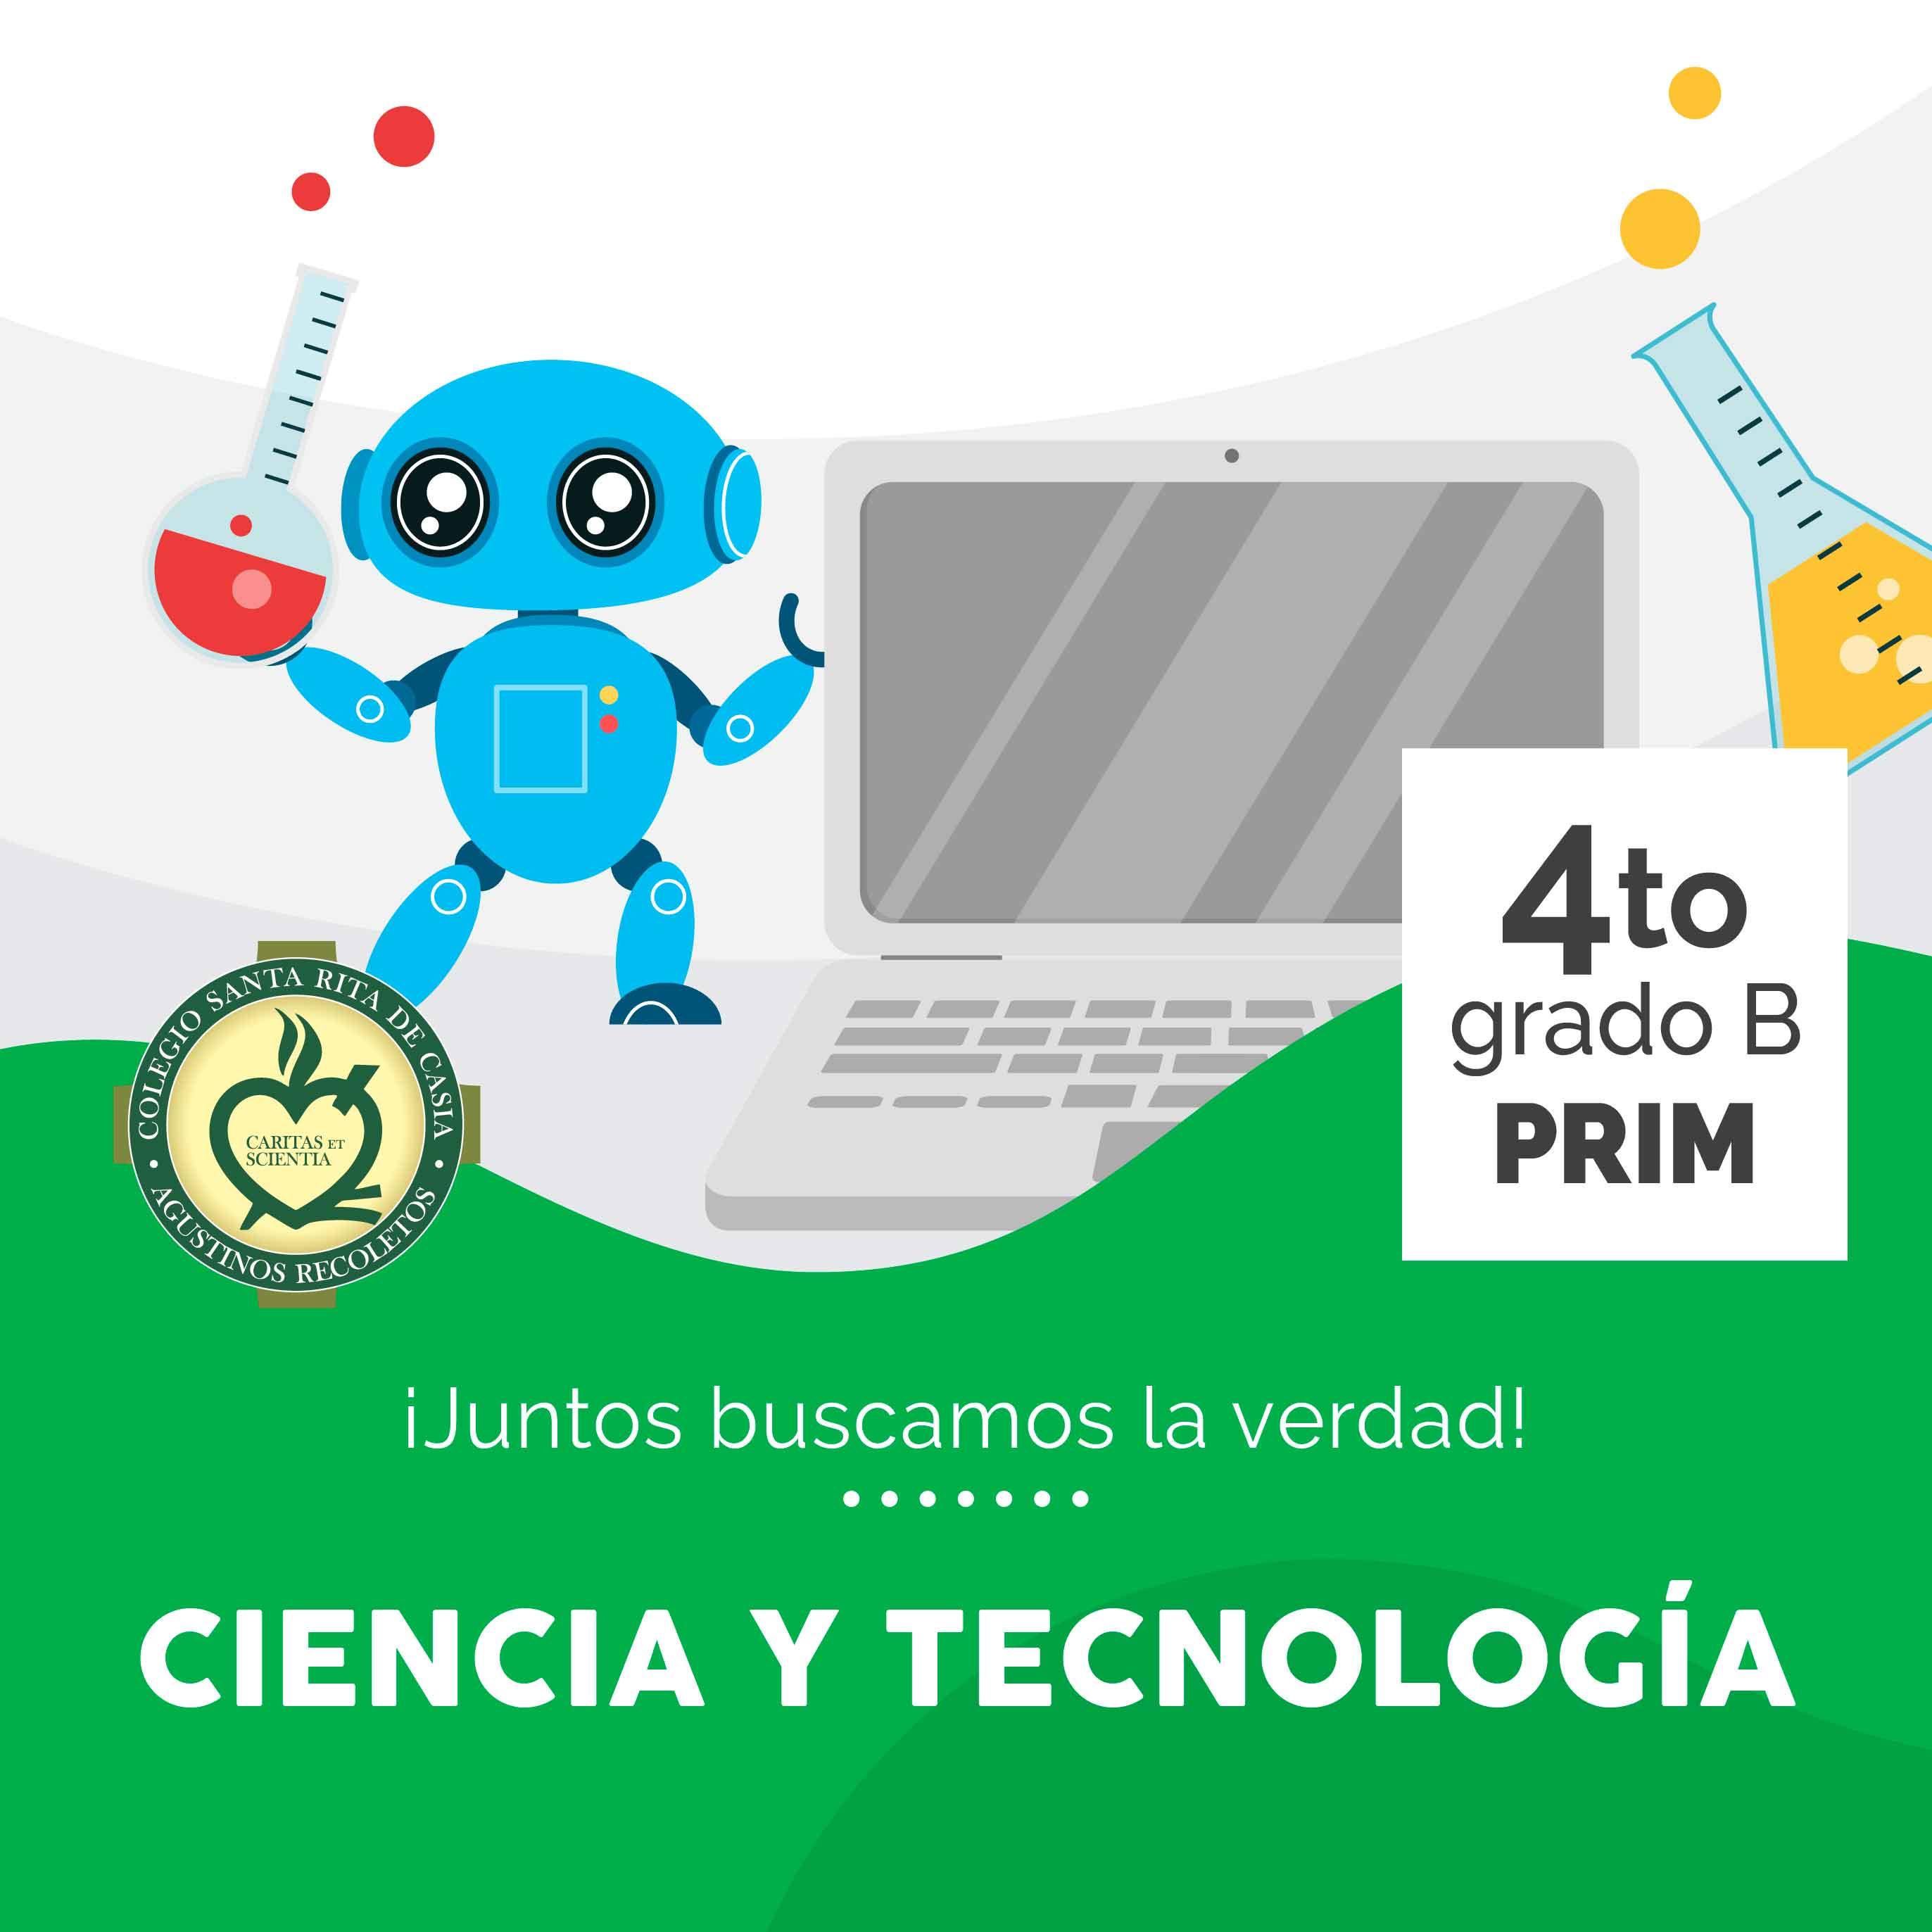 Ciencia y Tecnología 4to Grado B